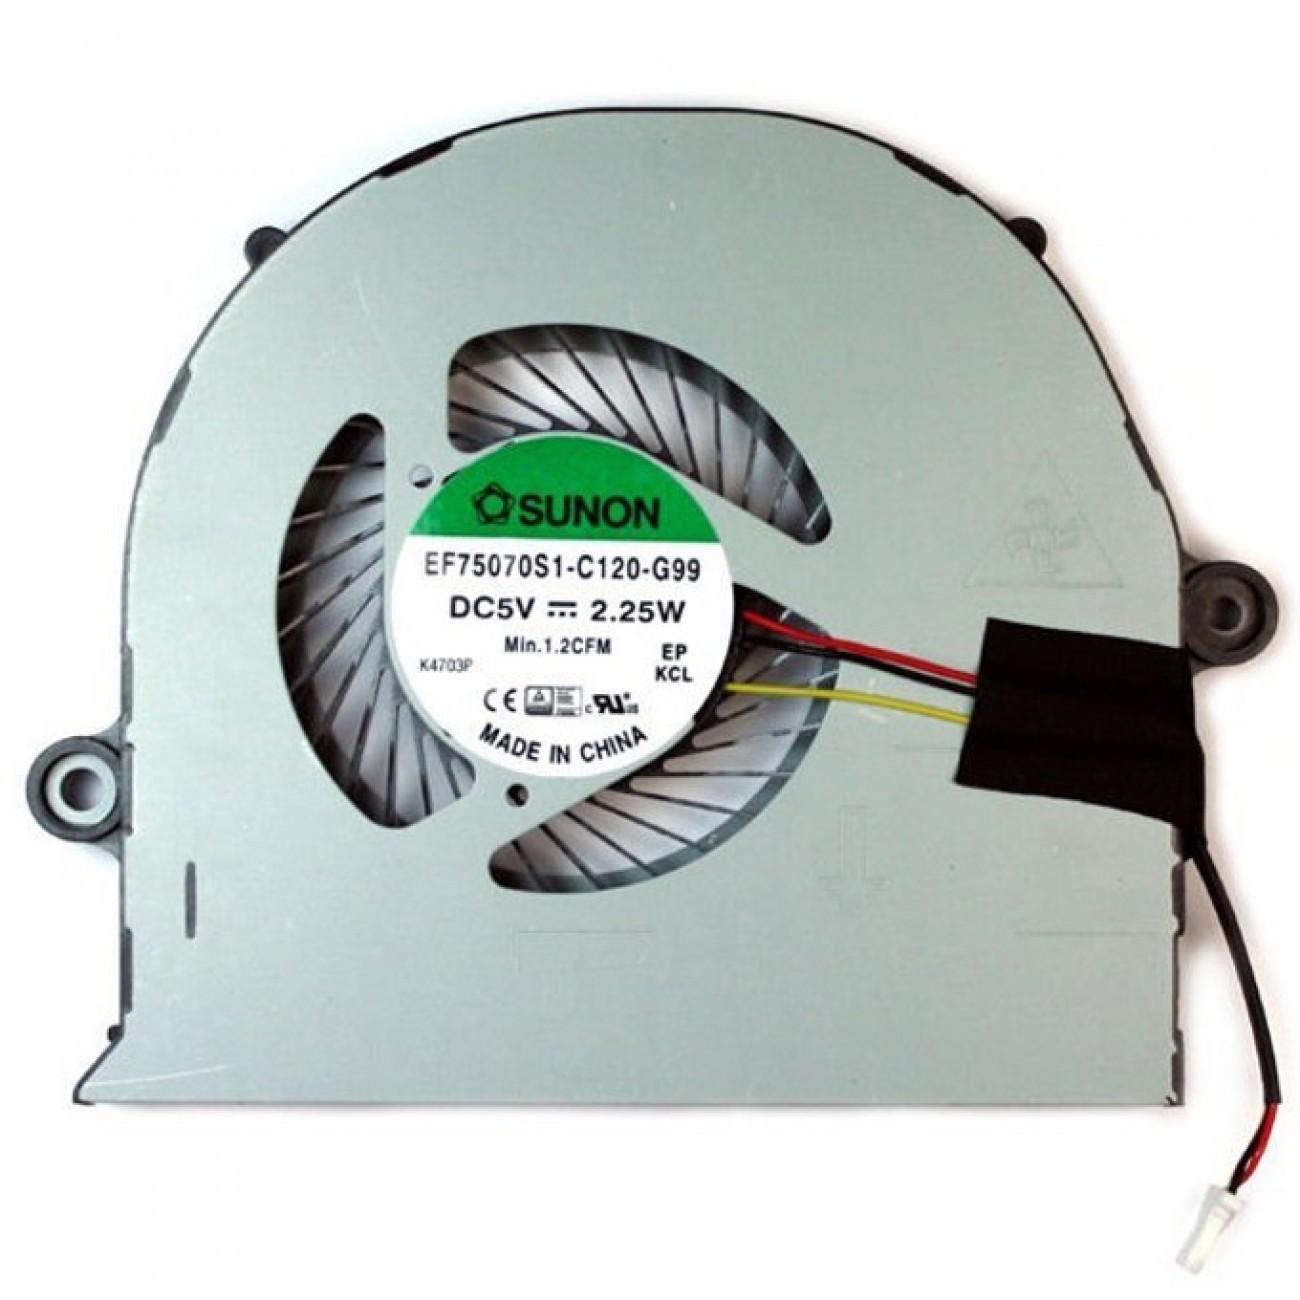 Вентилатор за лаптоп, съвместим с Acer Aspire E5-572 T5000 в Резервни части -  | Alleop